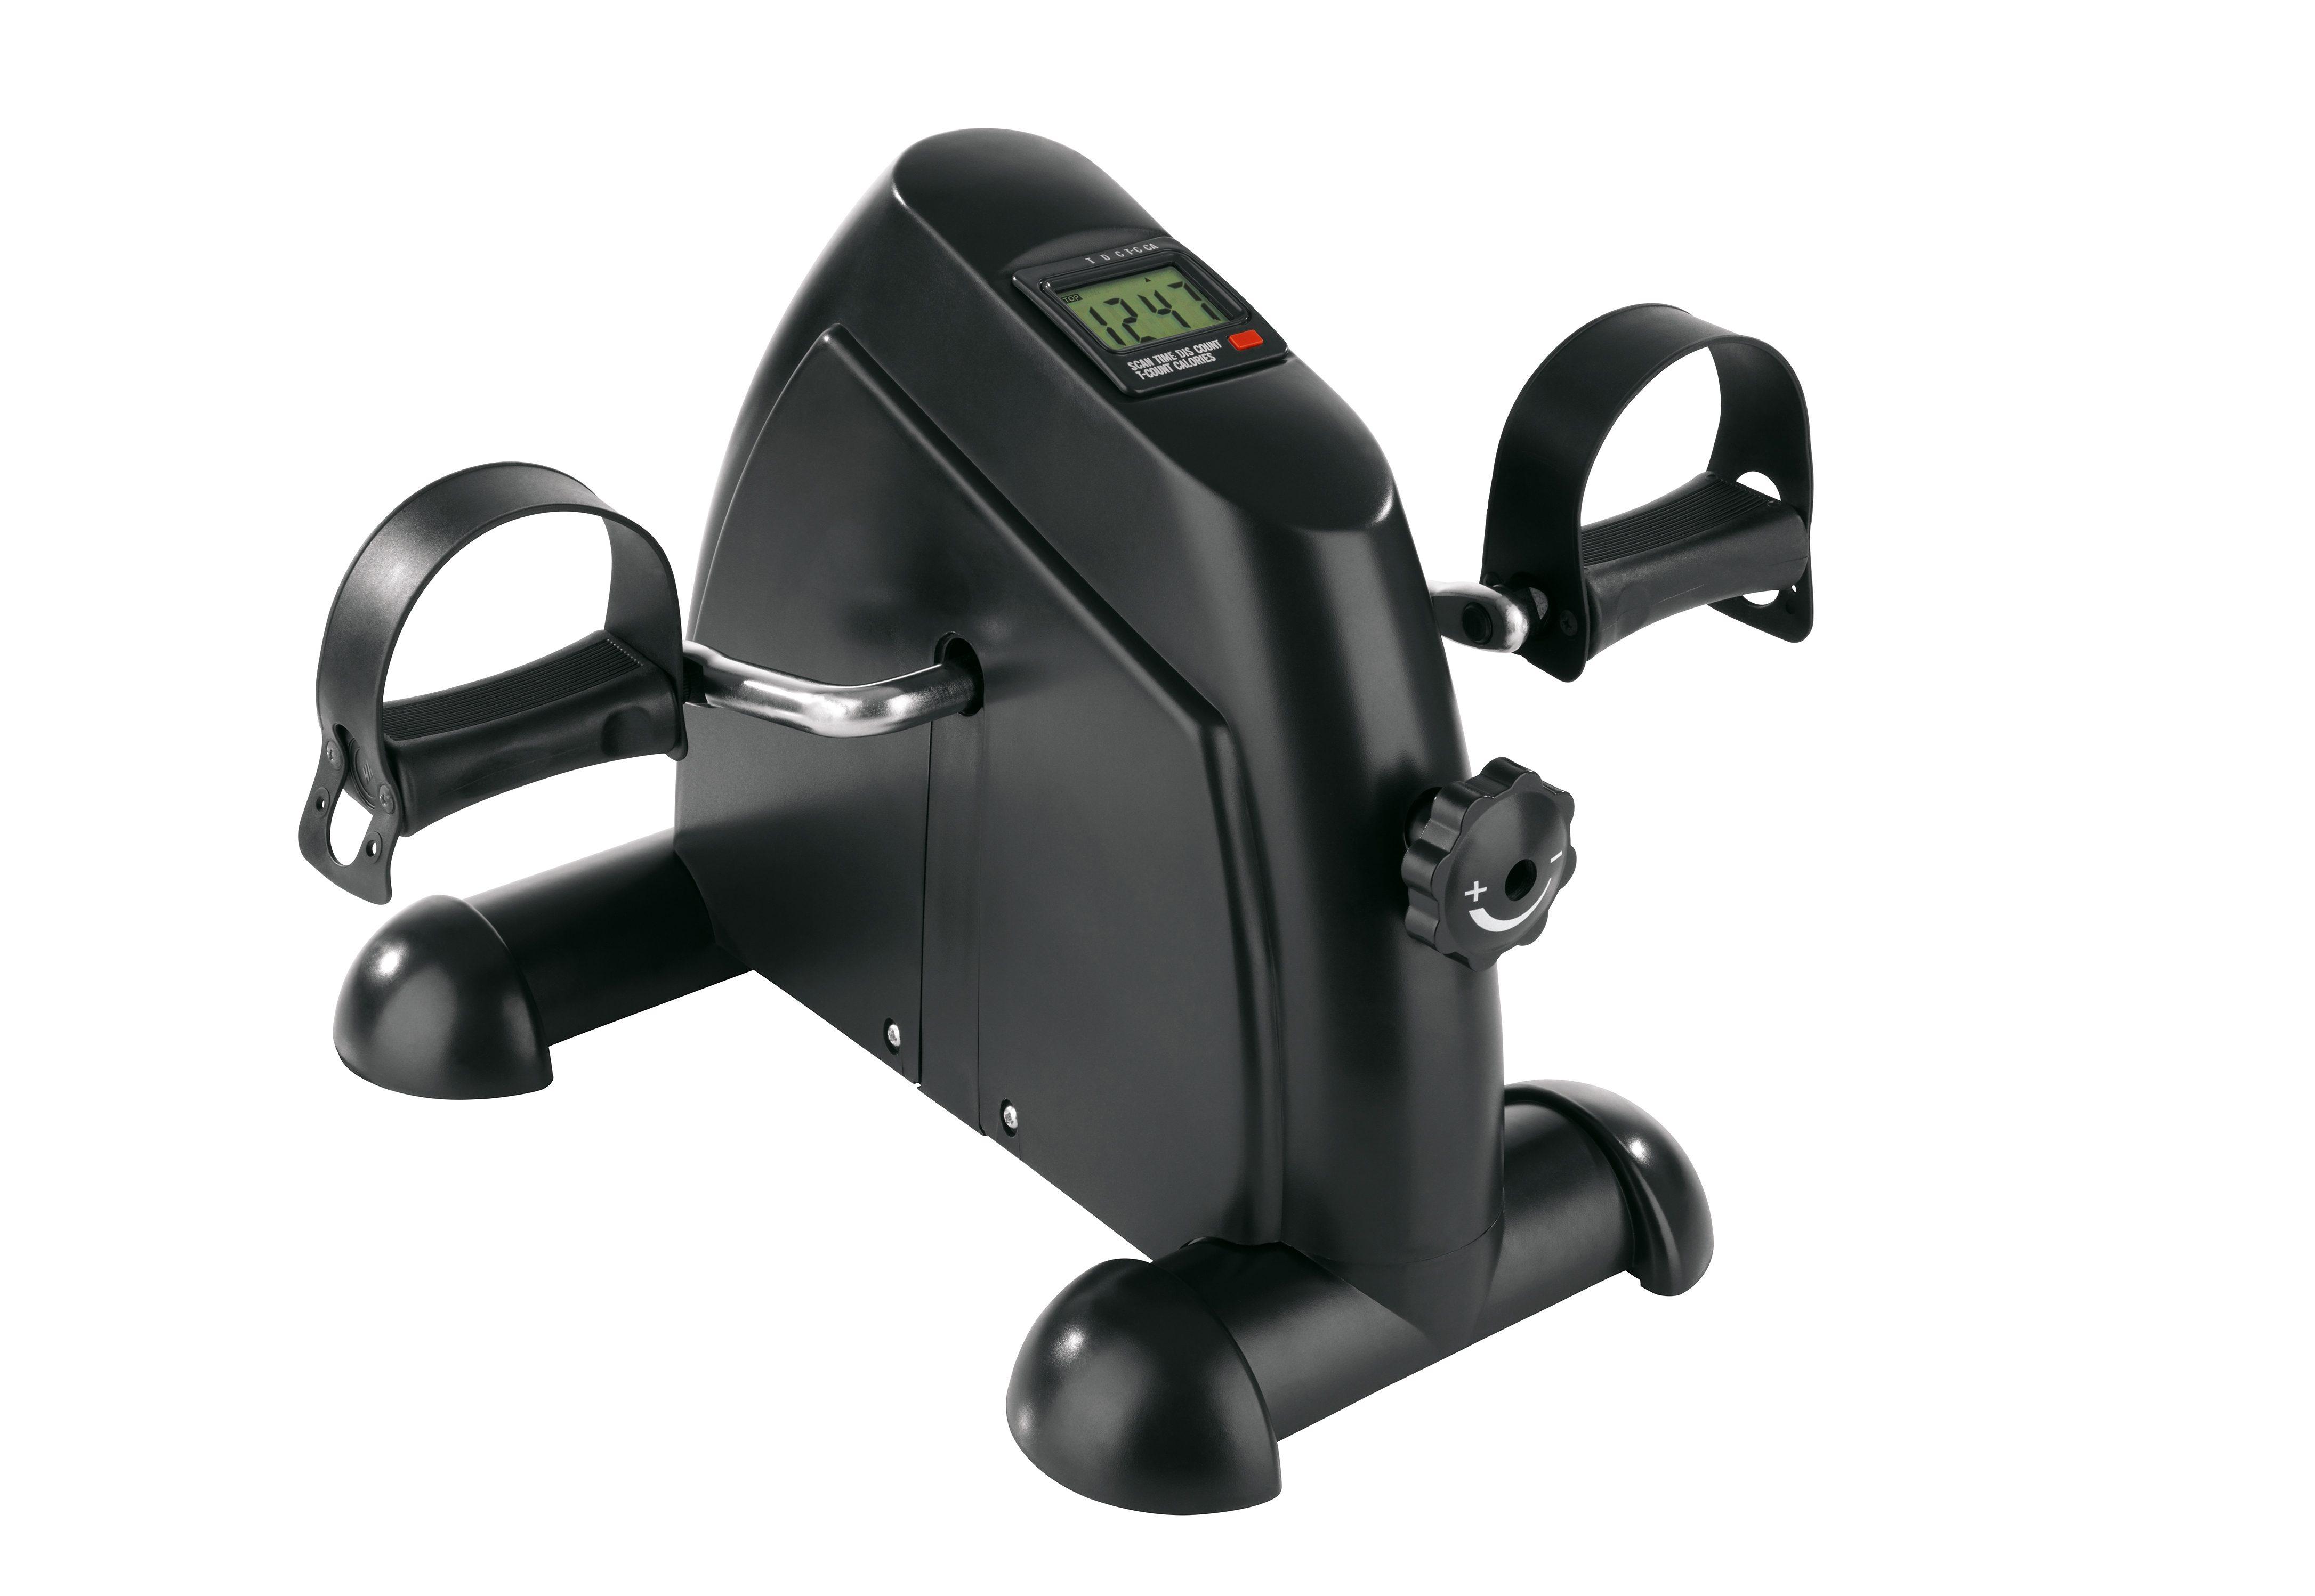 VITALmaxx Trainingsgerät 2in1 schwarz